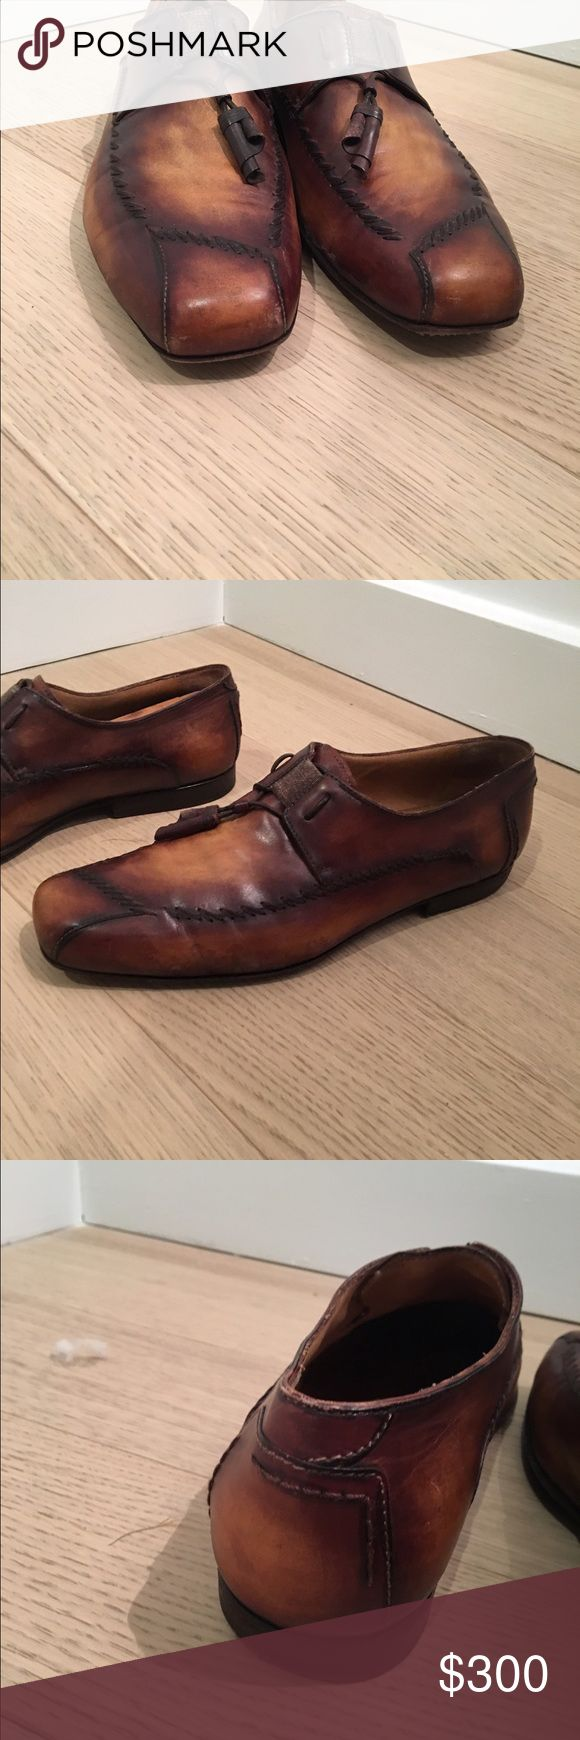 Men's dress loafer Custom Italian tassel loafer berluti Shoes Loafers & Slip-Ons